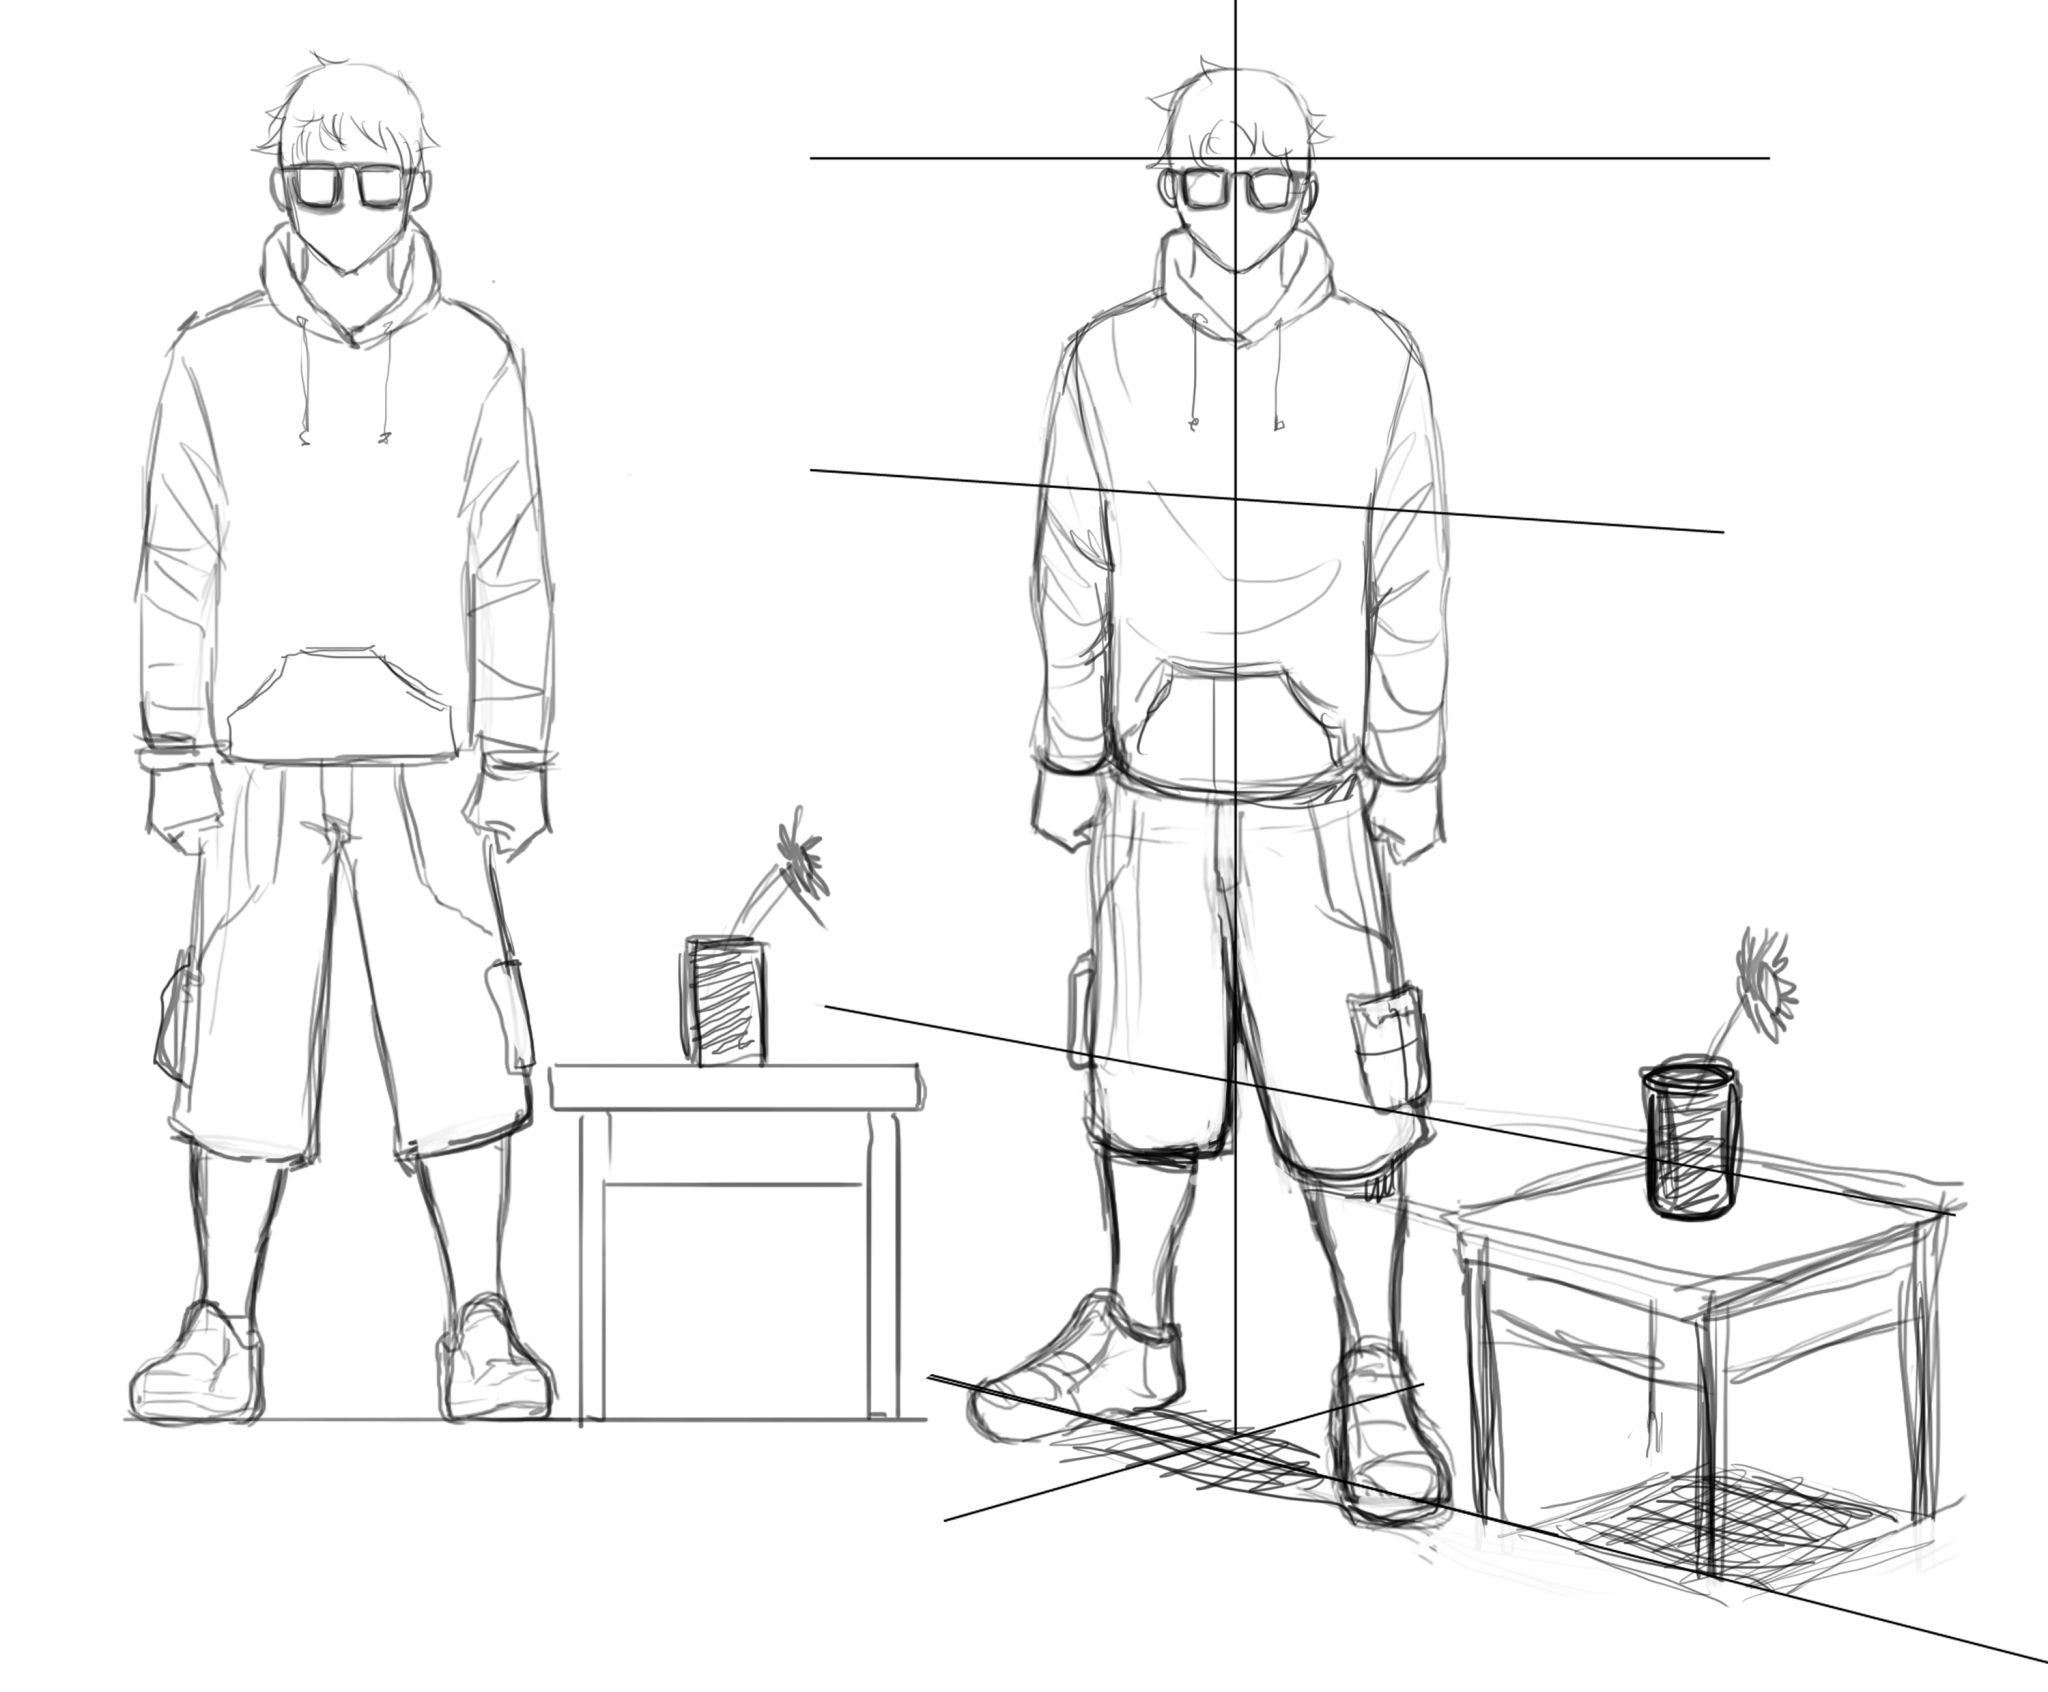 Dibujando En Perspectiva 3 Volumen Y Profundidad Concurso Manga Como Dibujar En Perspectiva Arte En Perspectiva Dibujo Perspectiva